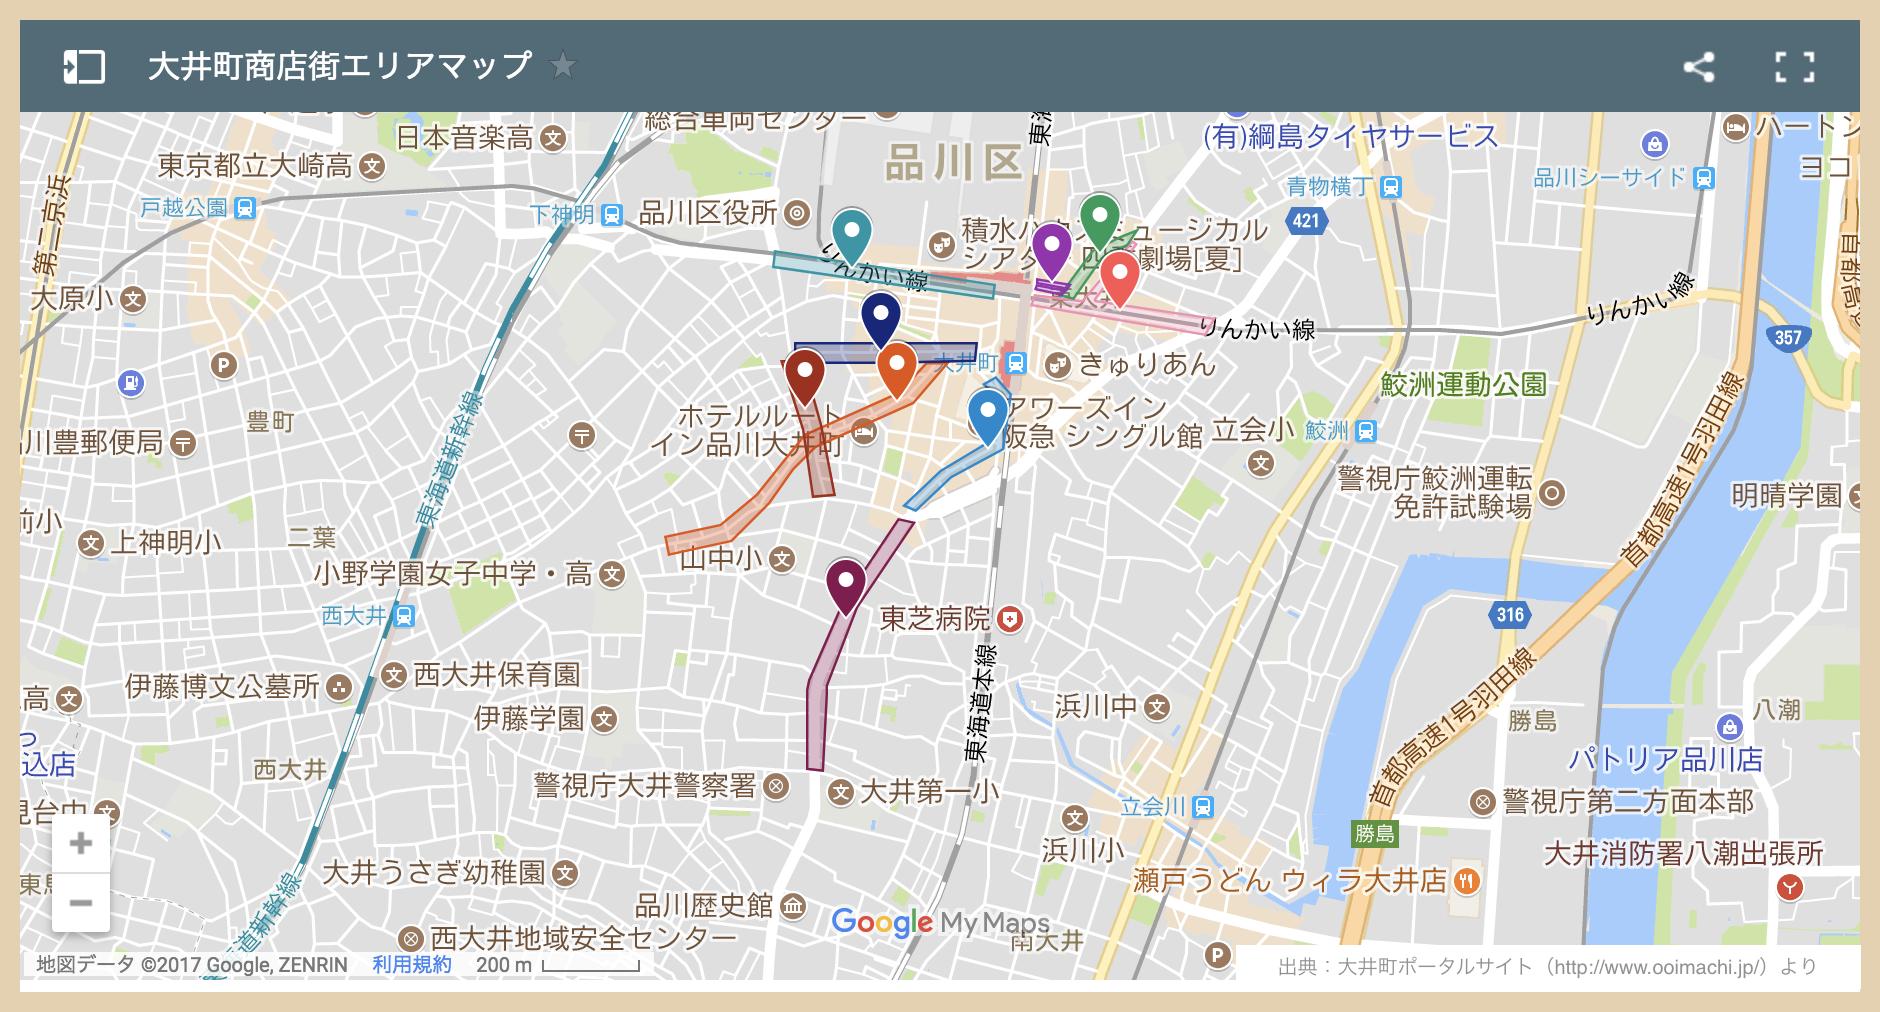 大井町周辺_商店街